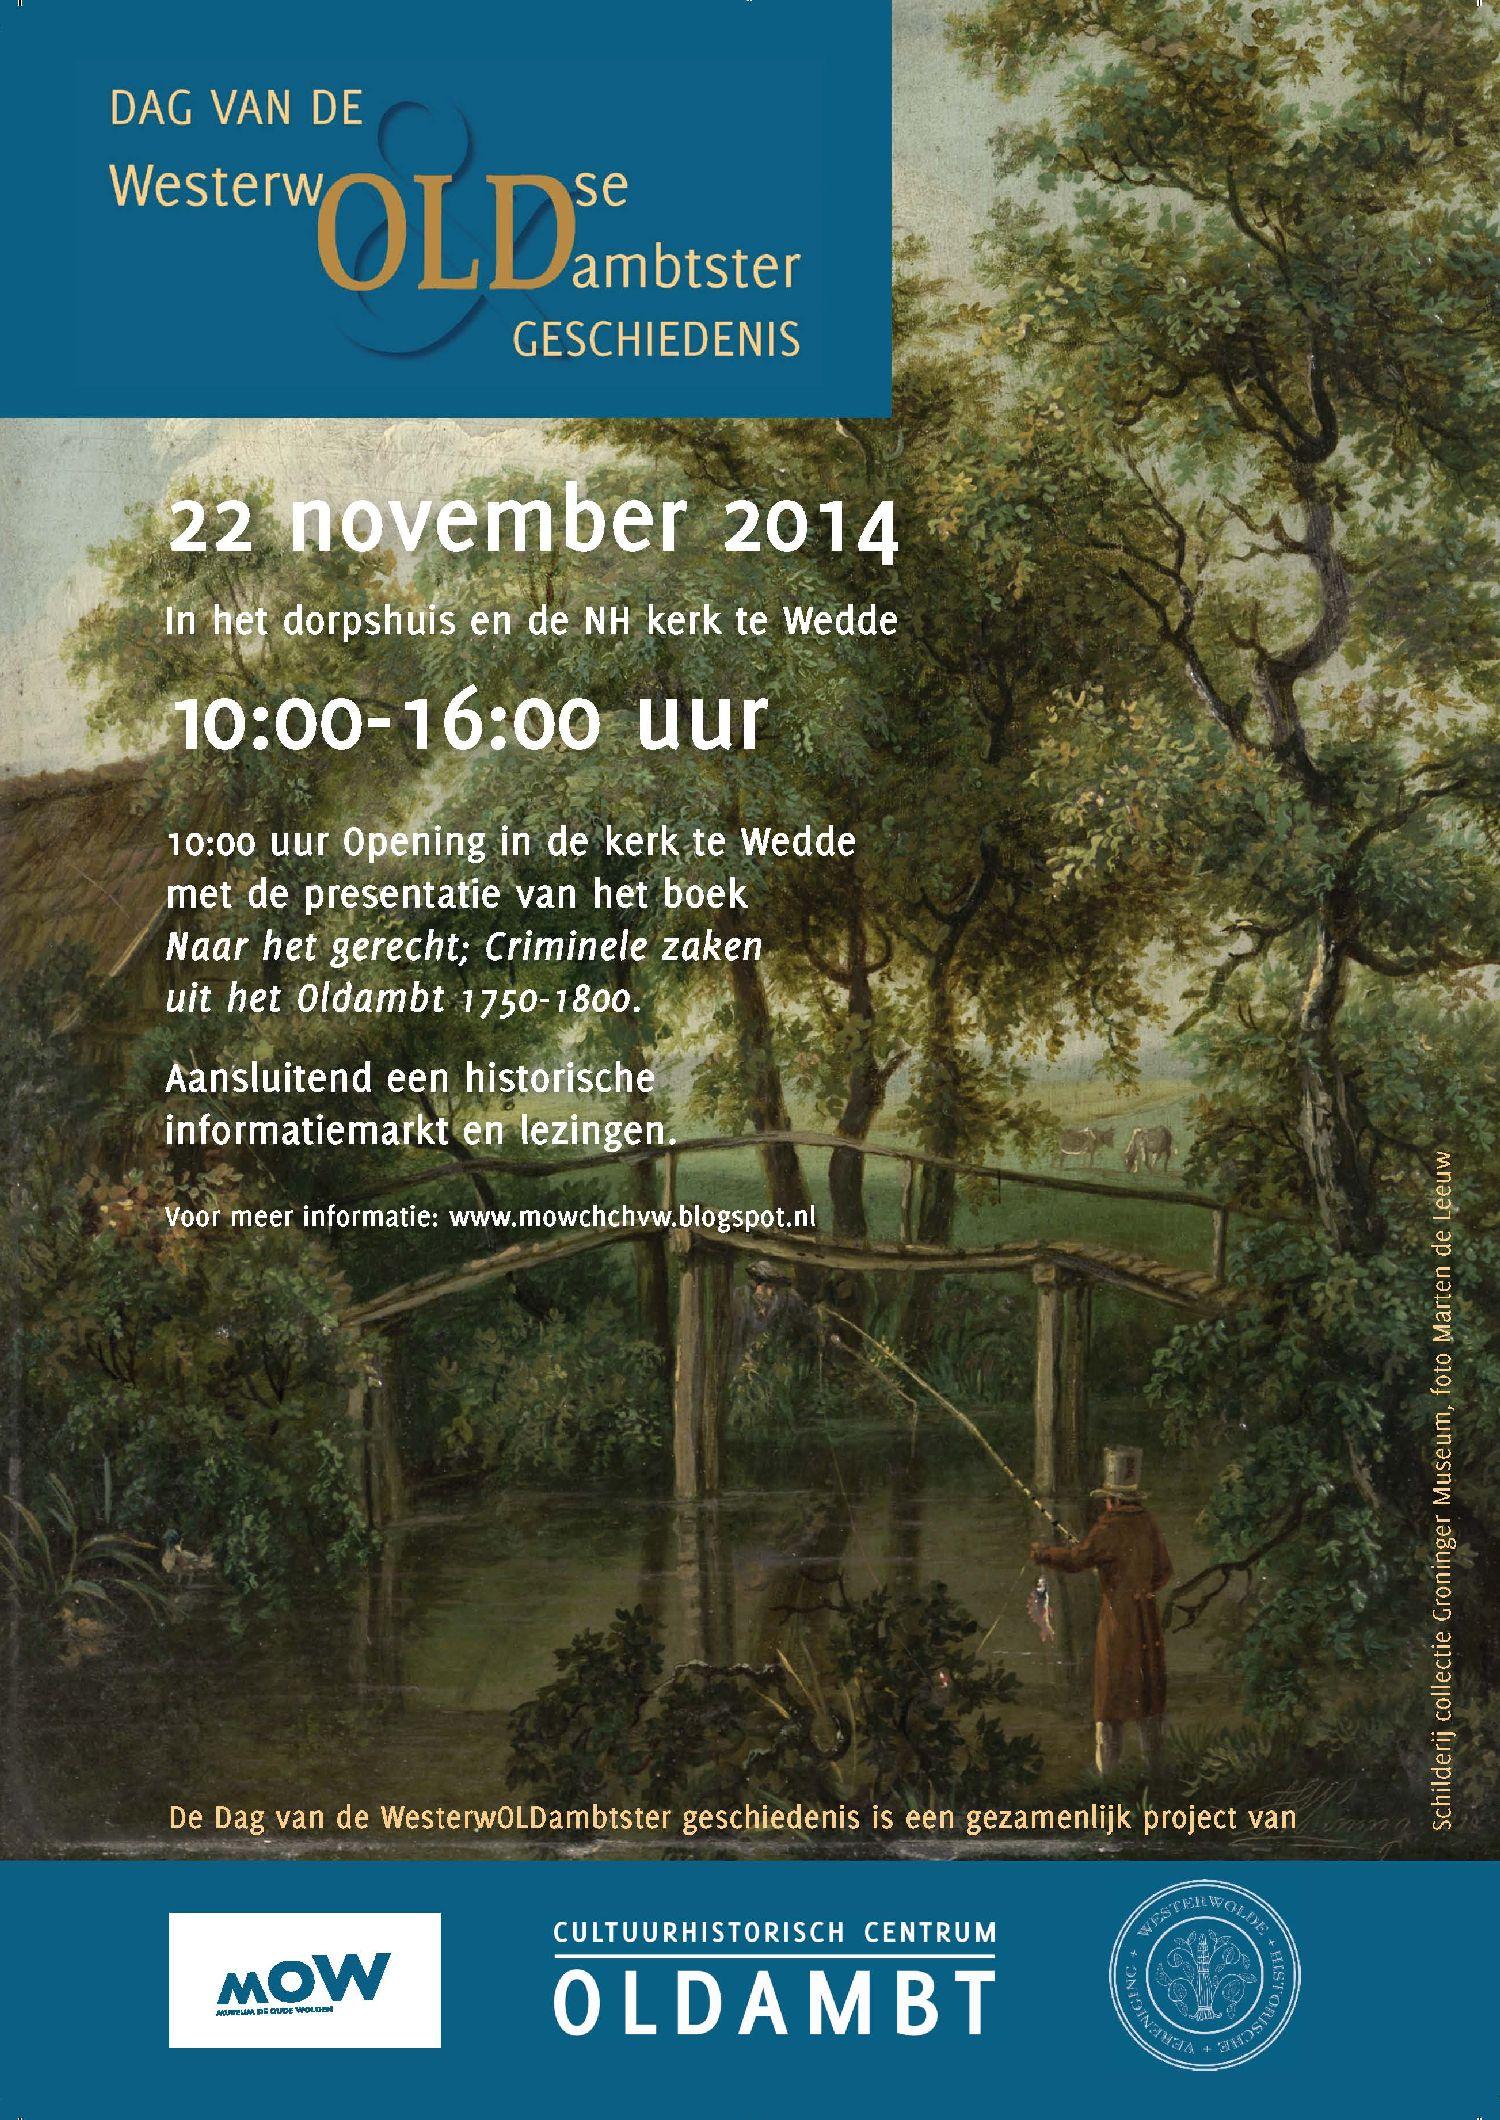 Flyer Dag van de WesterwOLDambster geschiedenis - nov 2014 HR